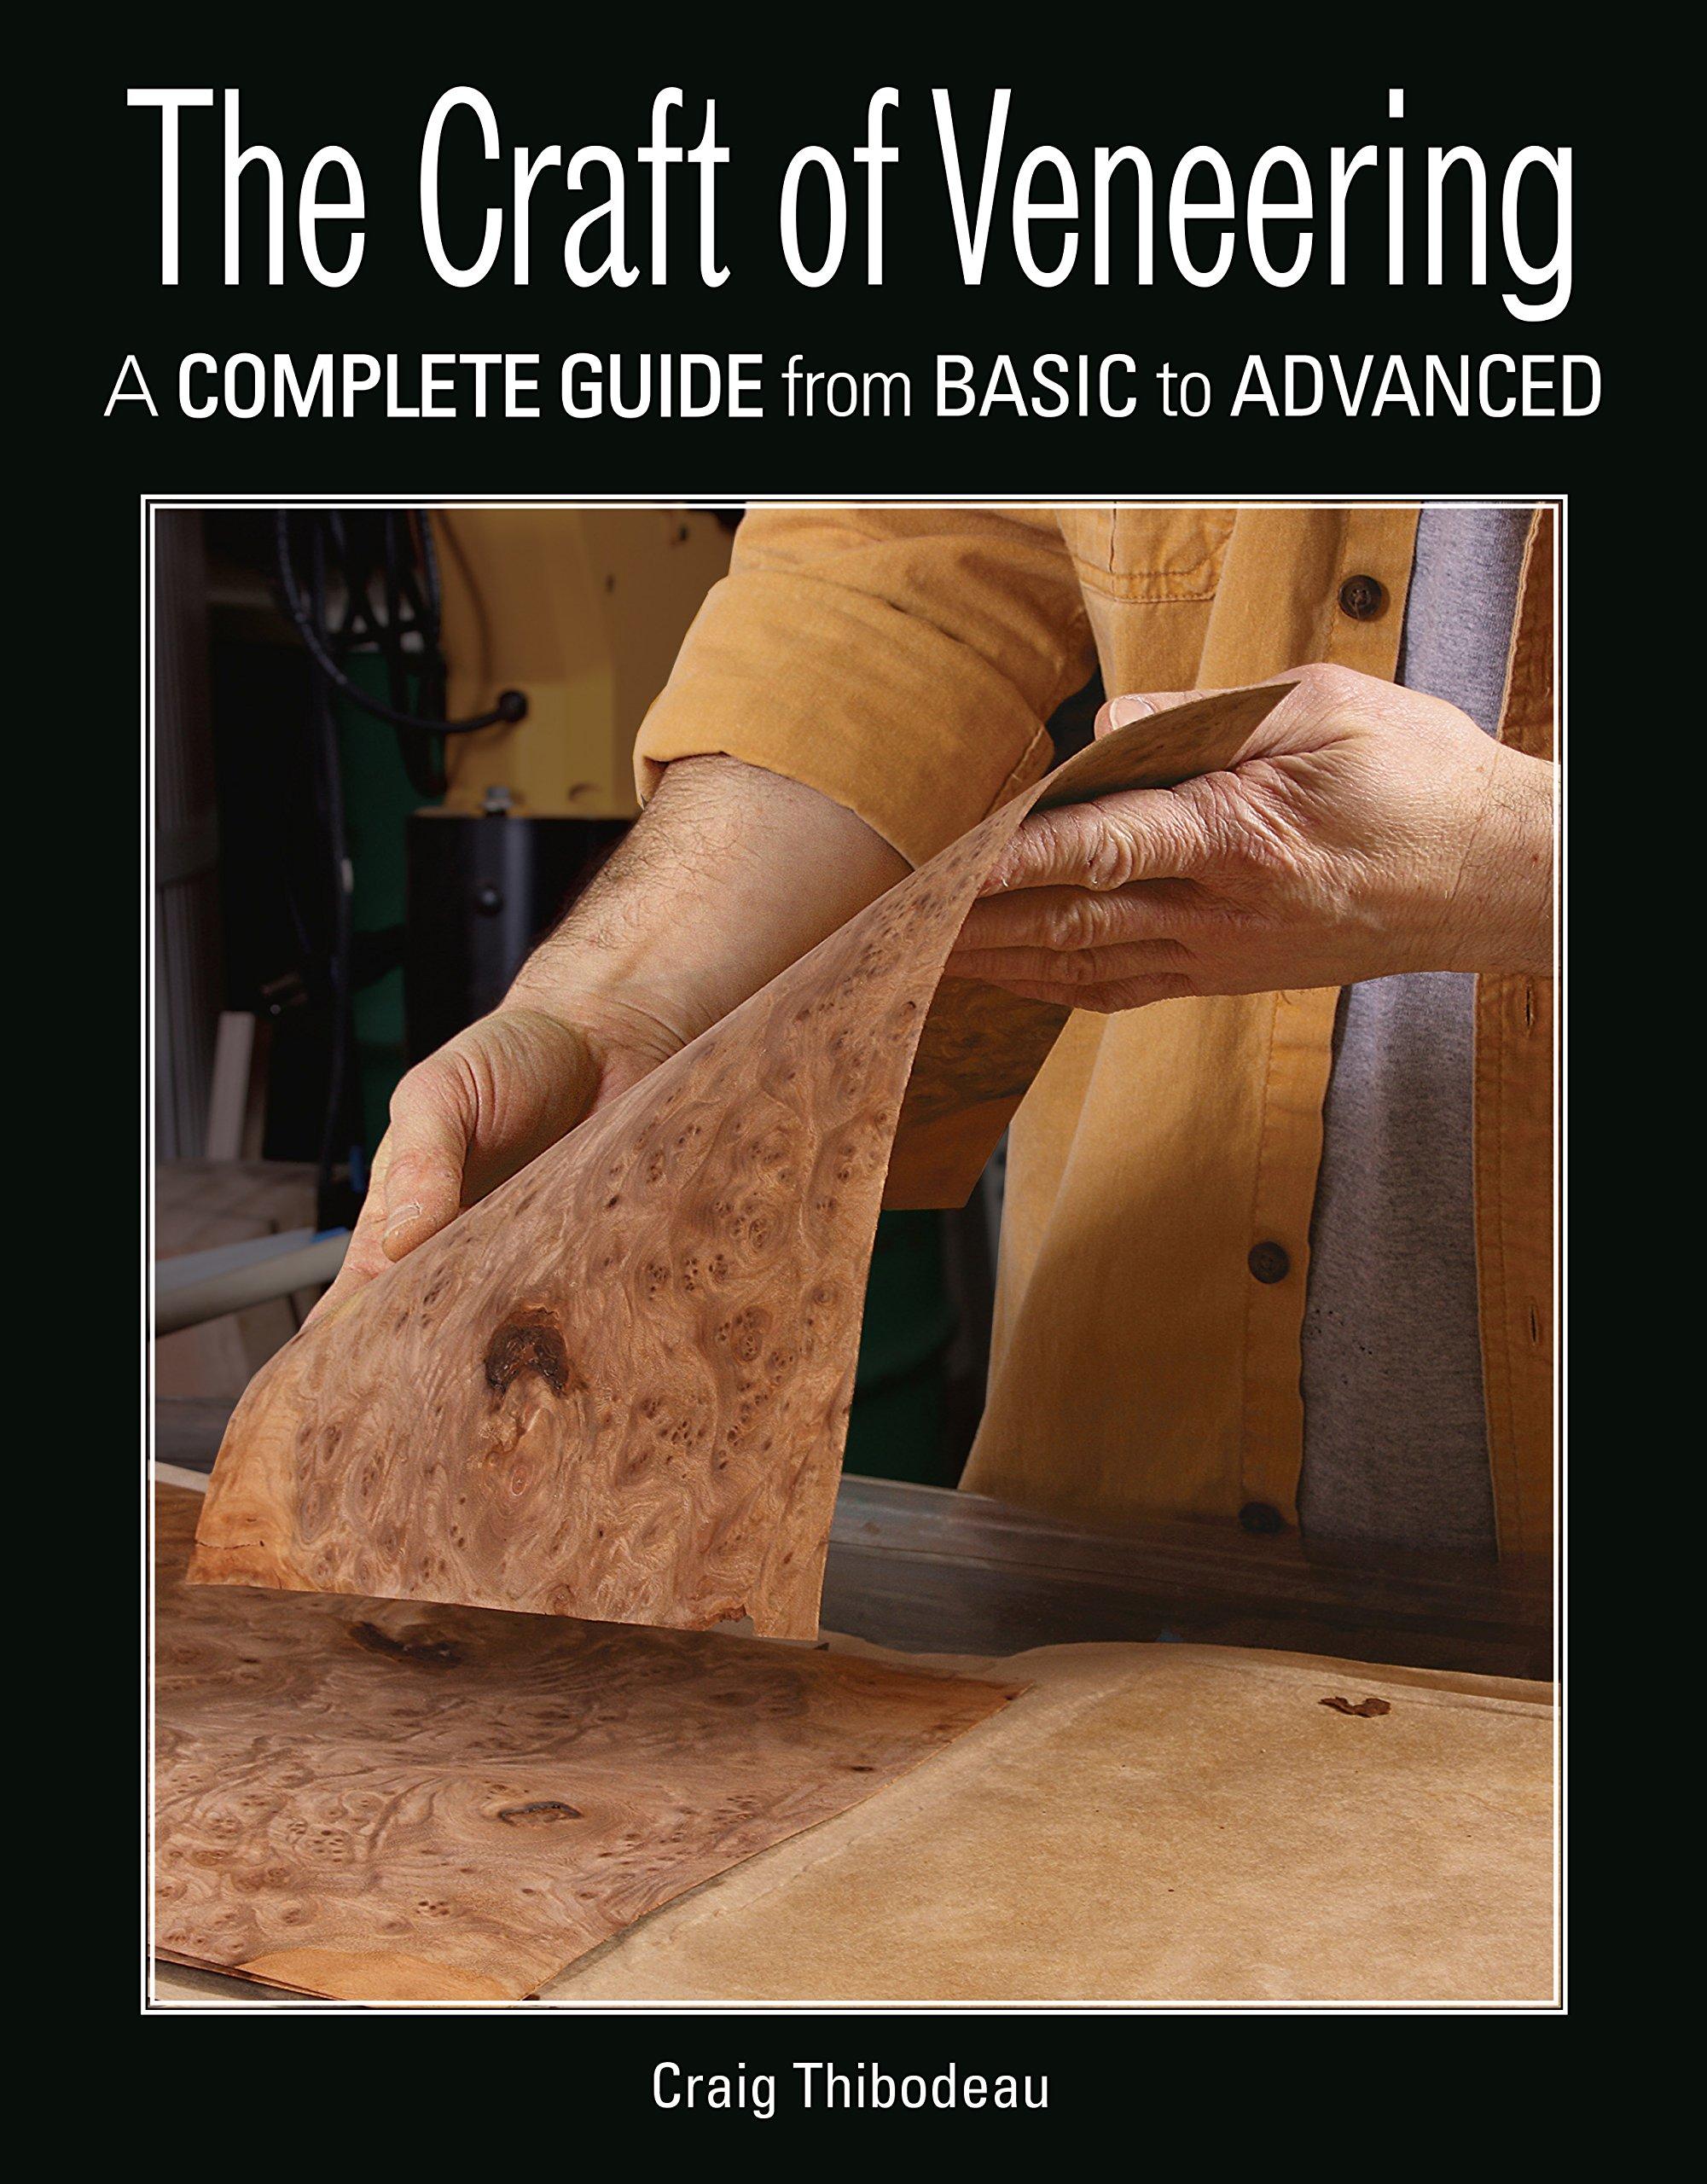 The Craft of Veneering: Craig Thibodeau: 9781631869006: Amazon.com: Books